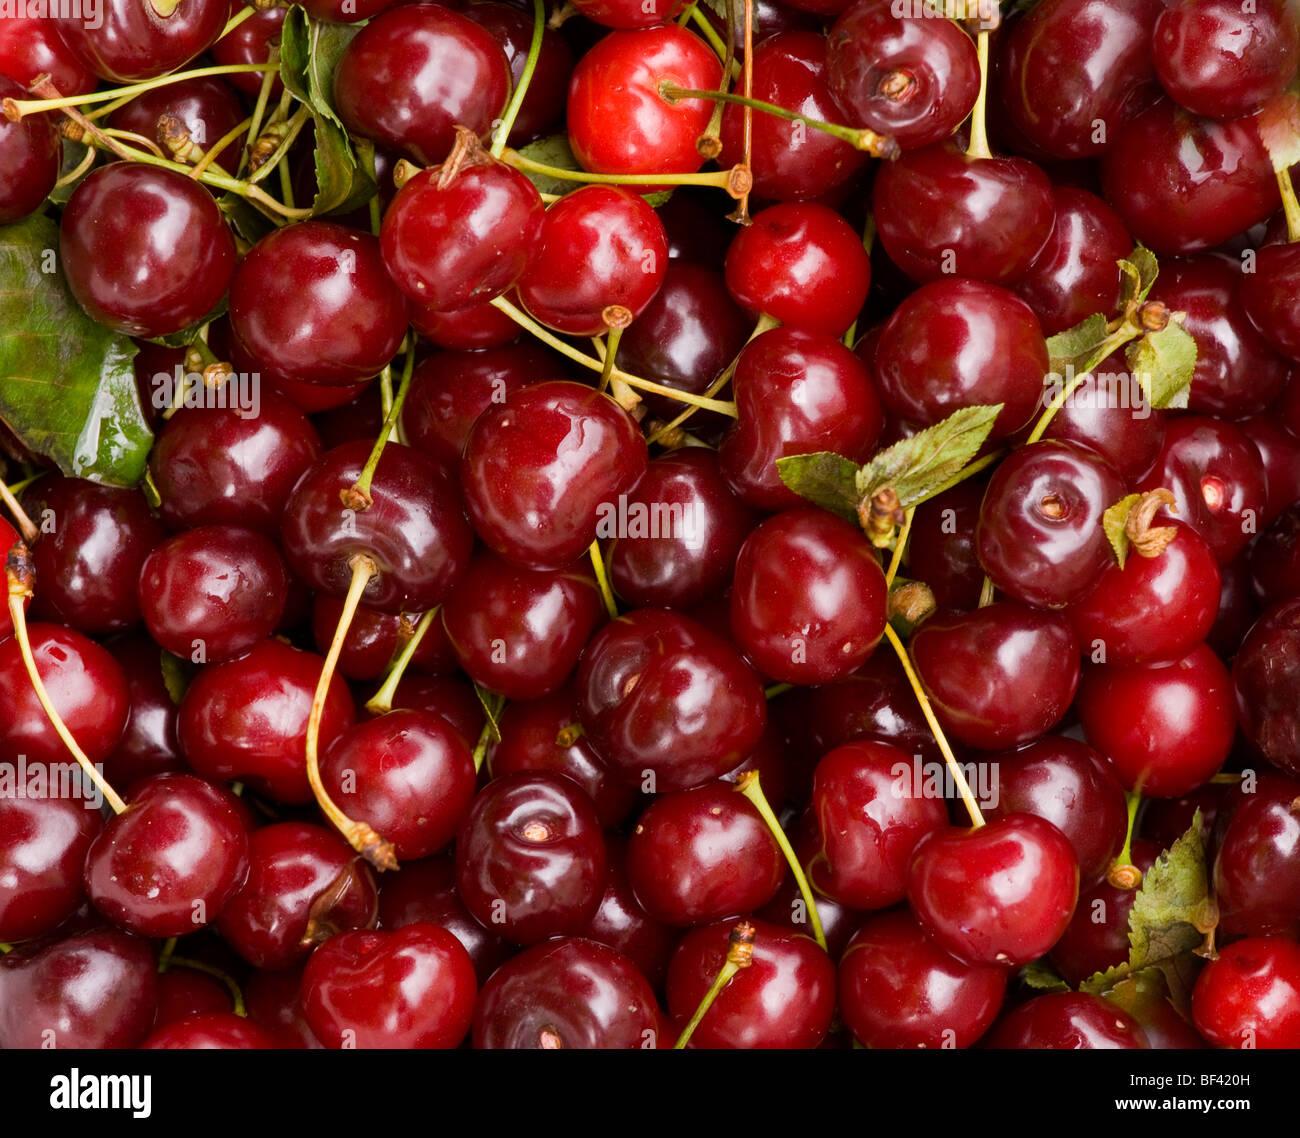 Bowl of sour, or Morello, cherries Prunus cerasus. Romania. - Stock Image